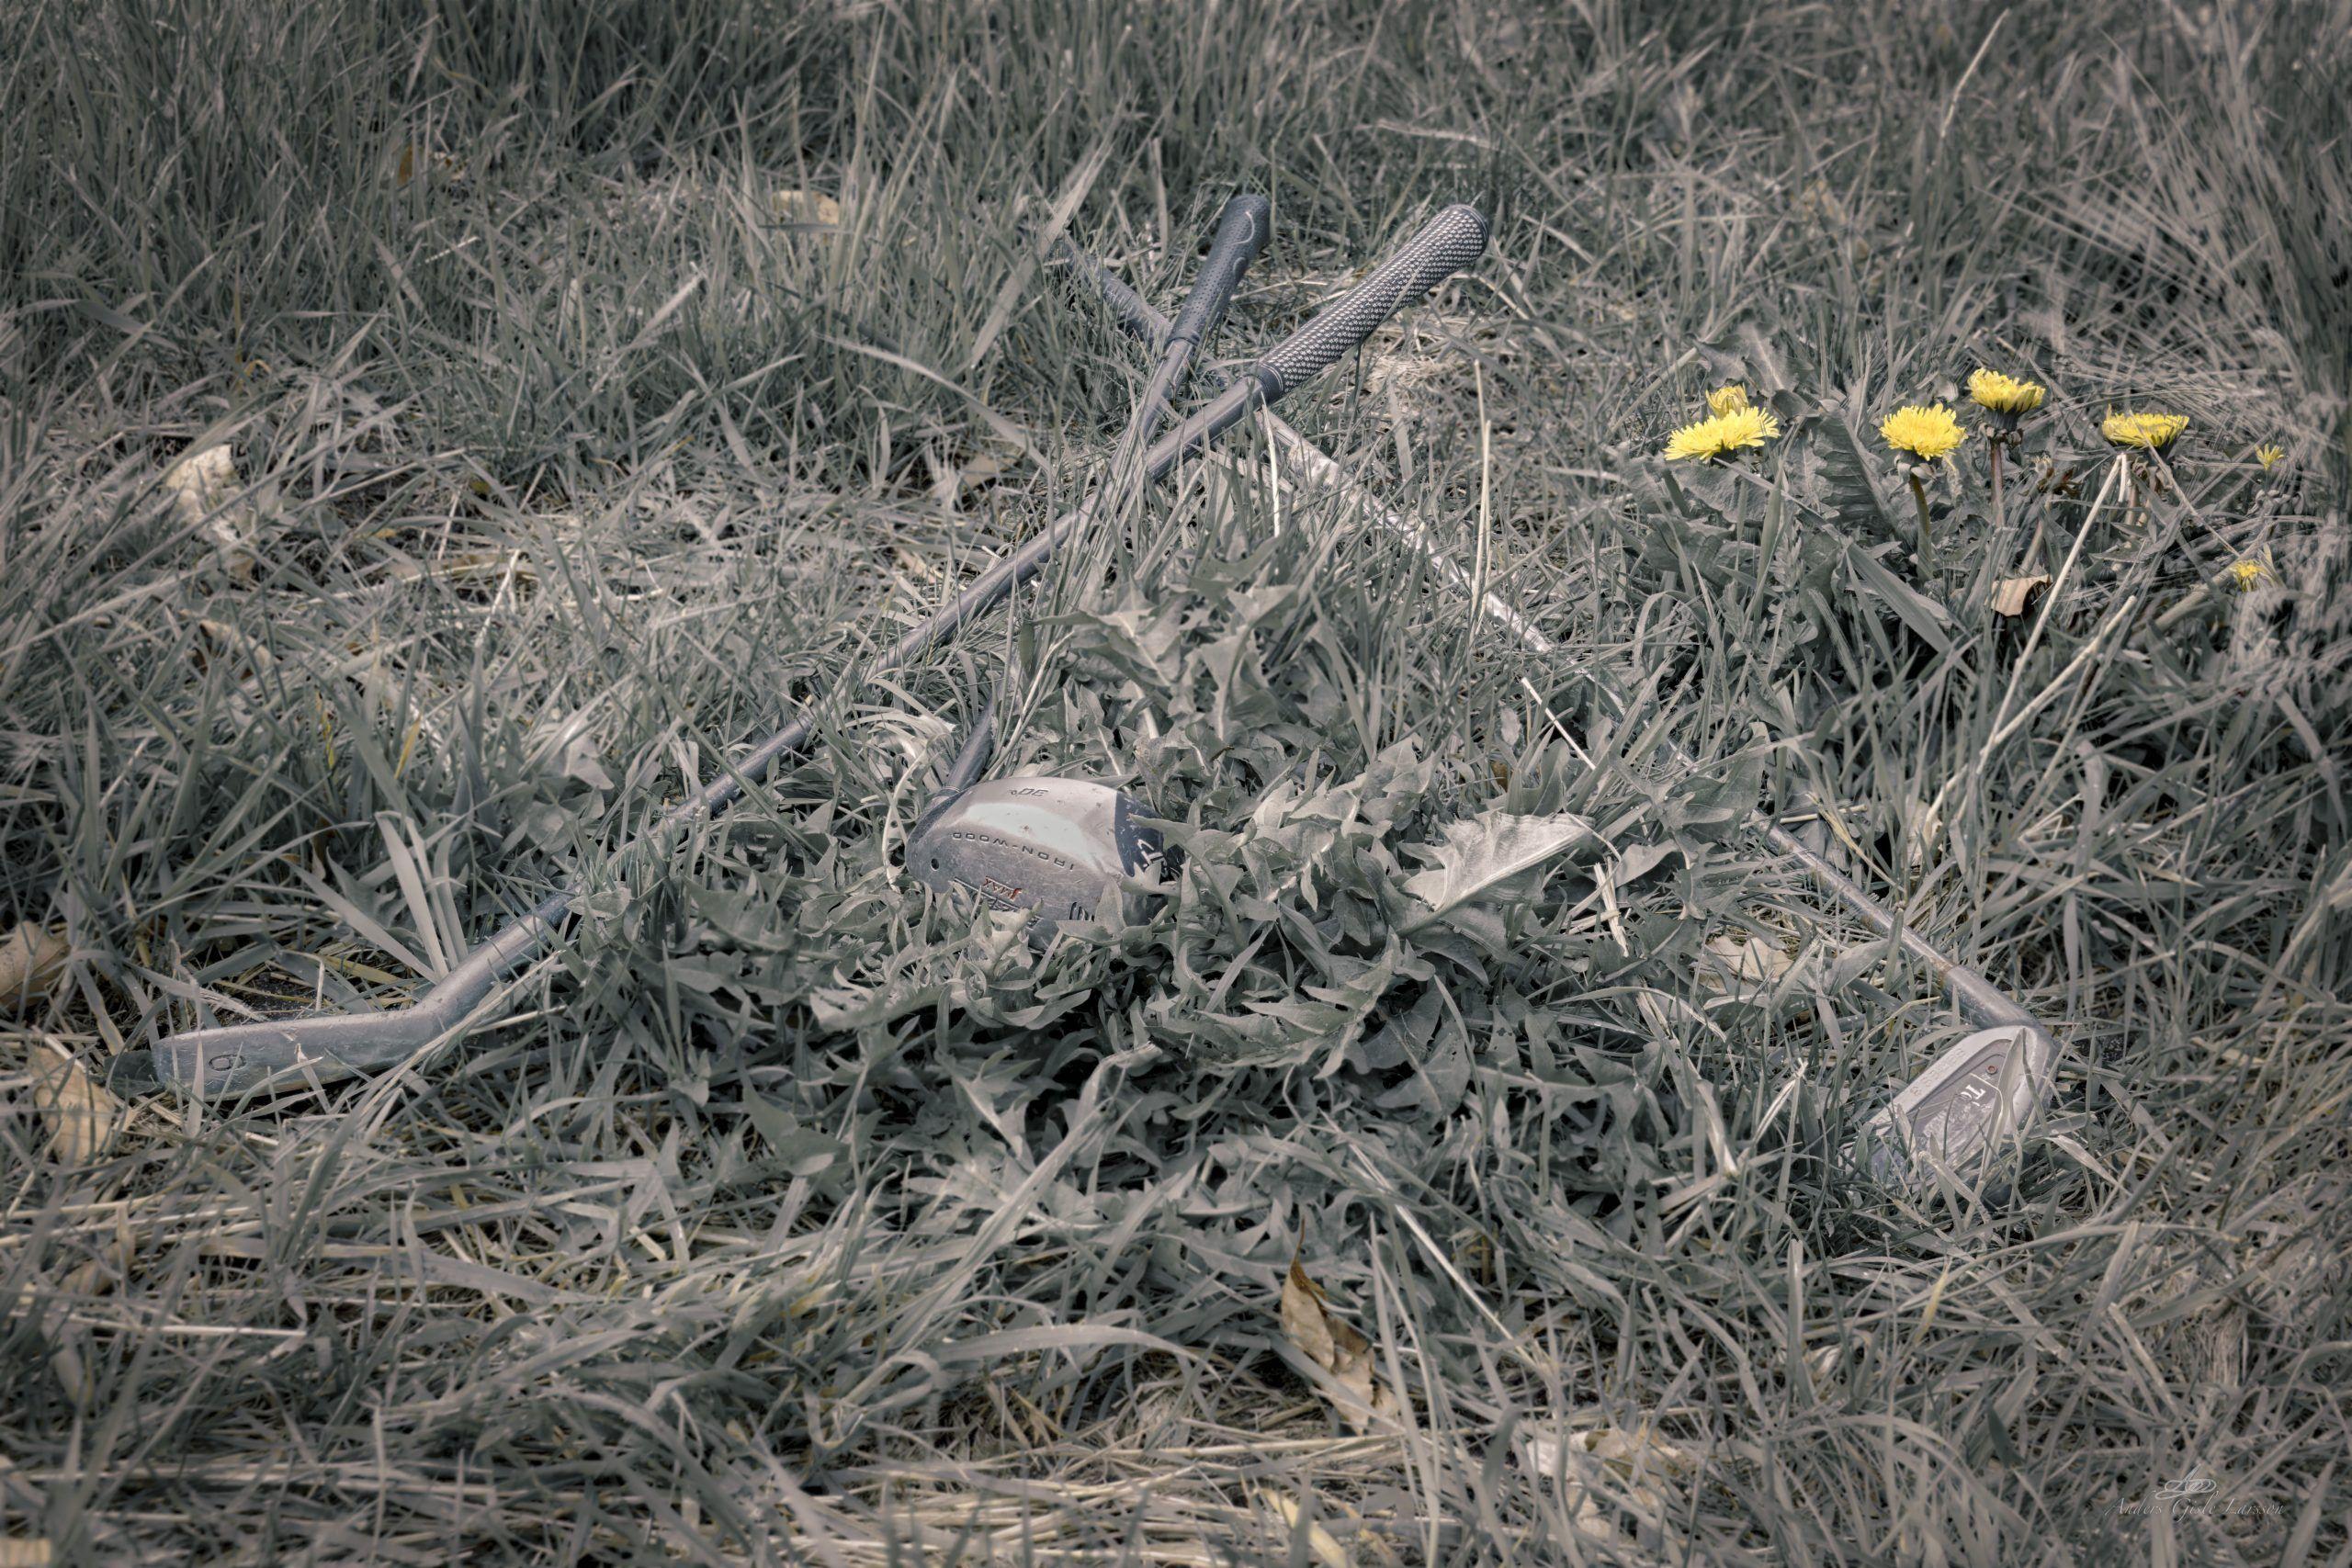 242/365, Assentoft, Randers